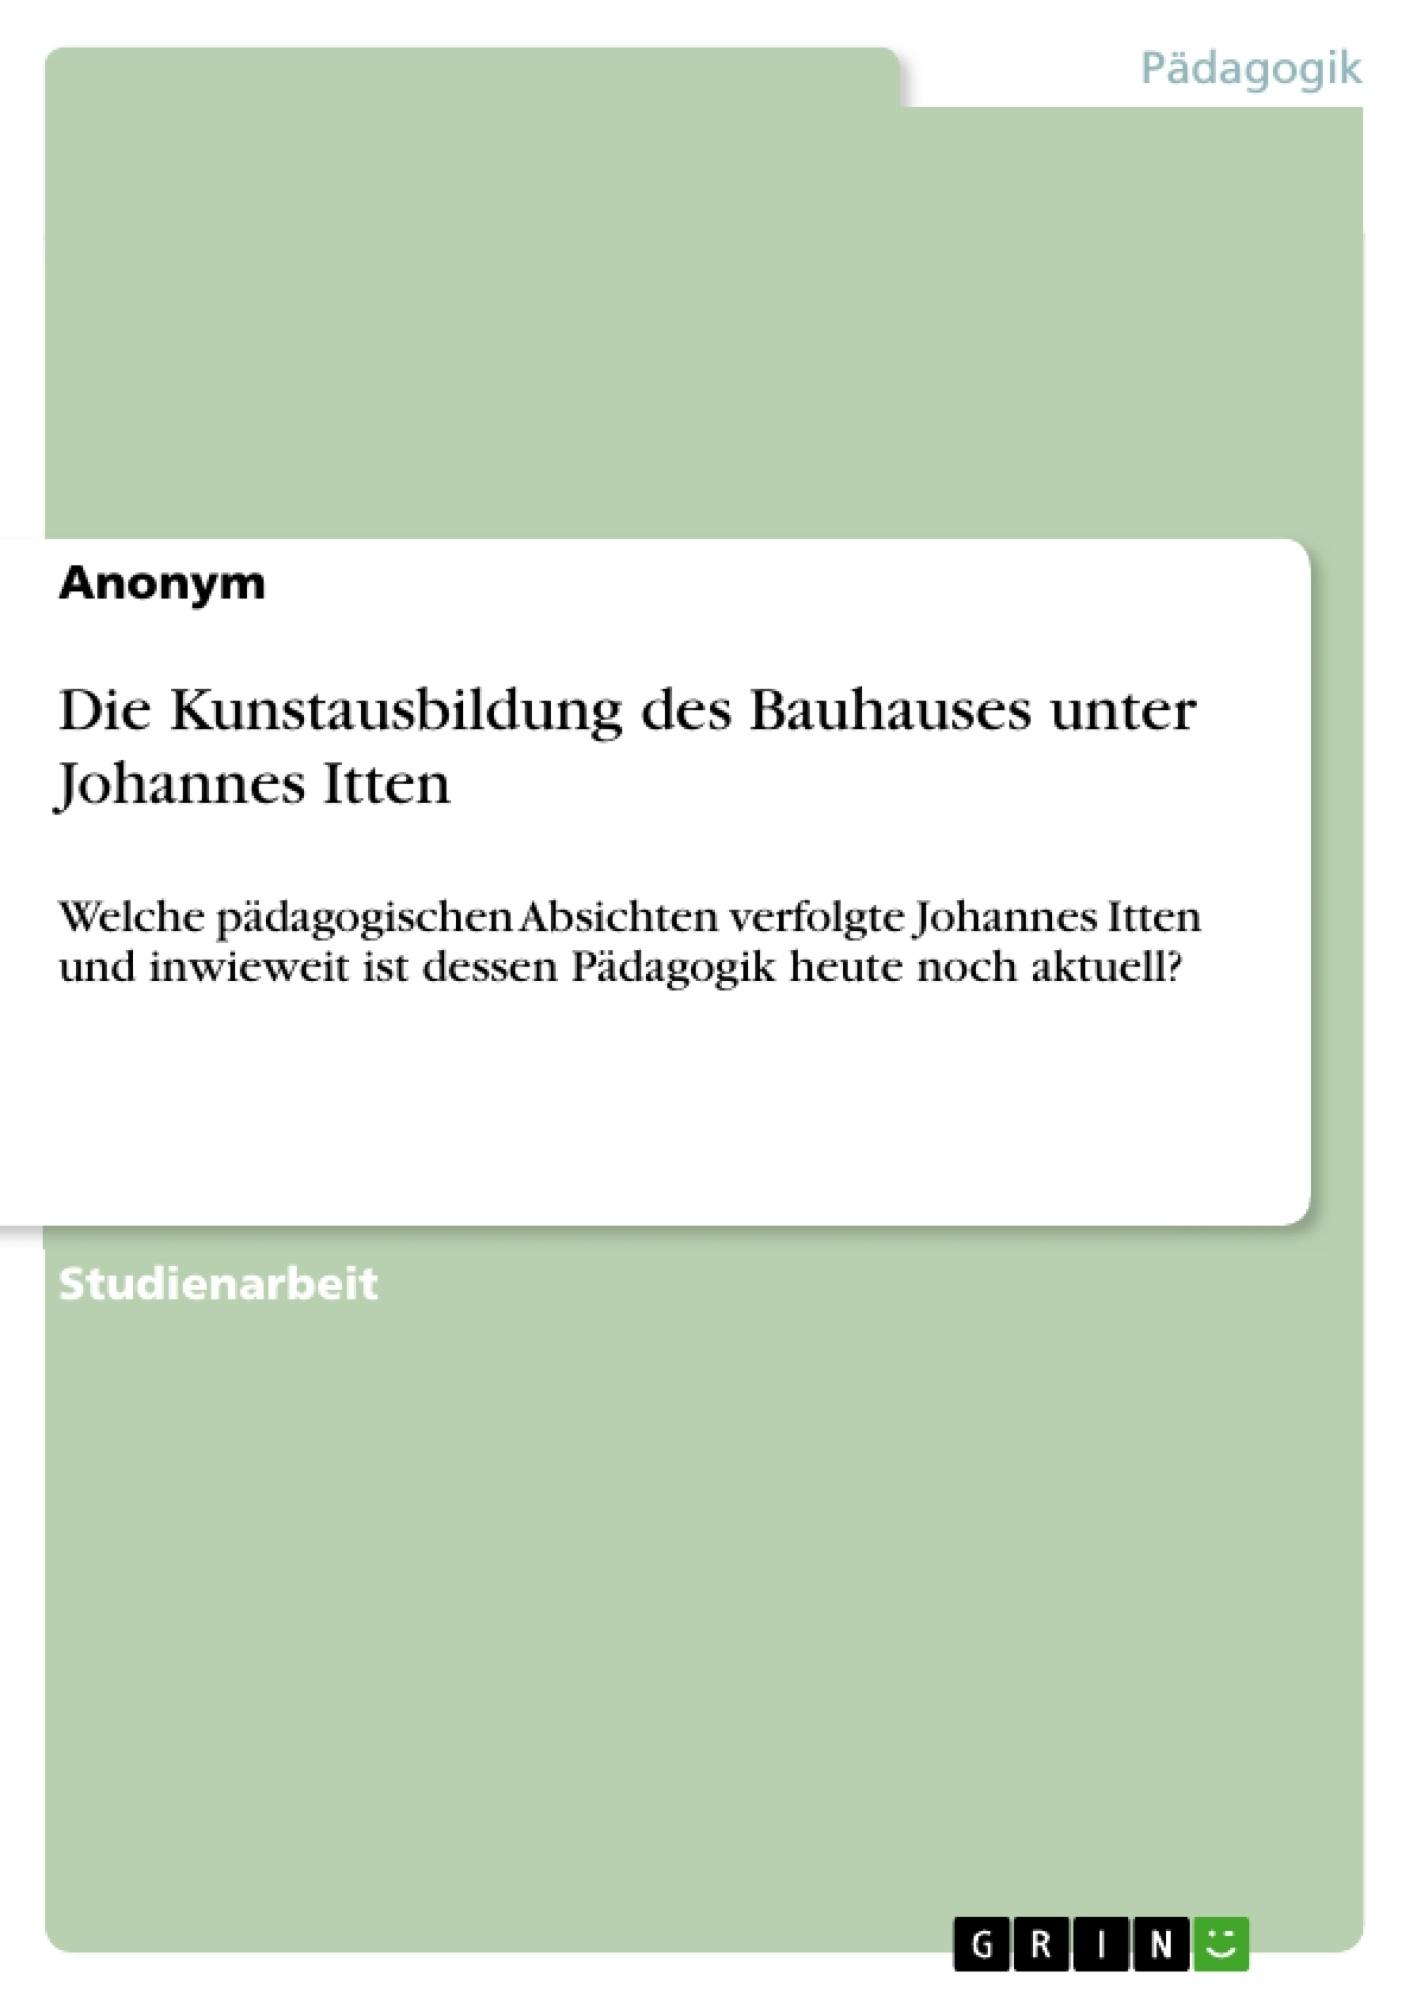 Titel: Die Kunstausbildung des Bauhauses unter Johannes Itten